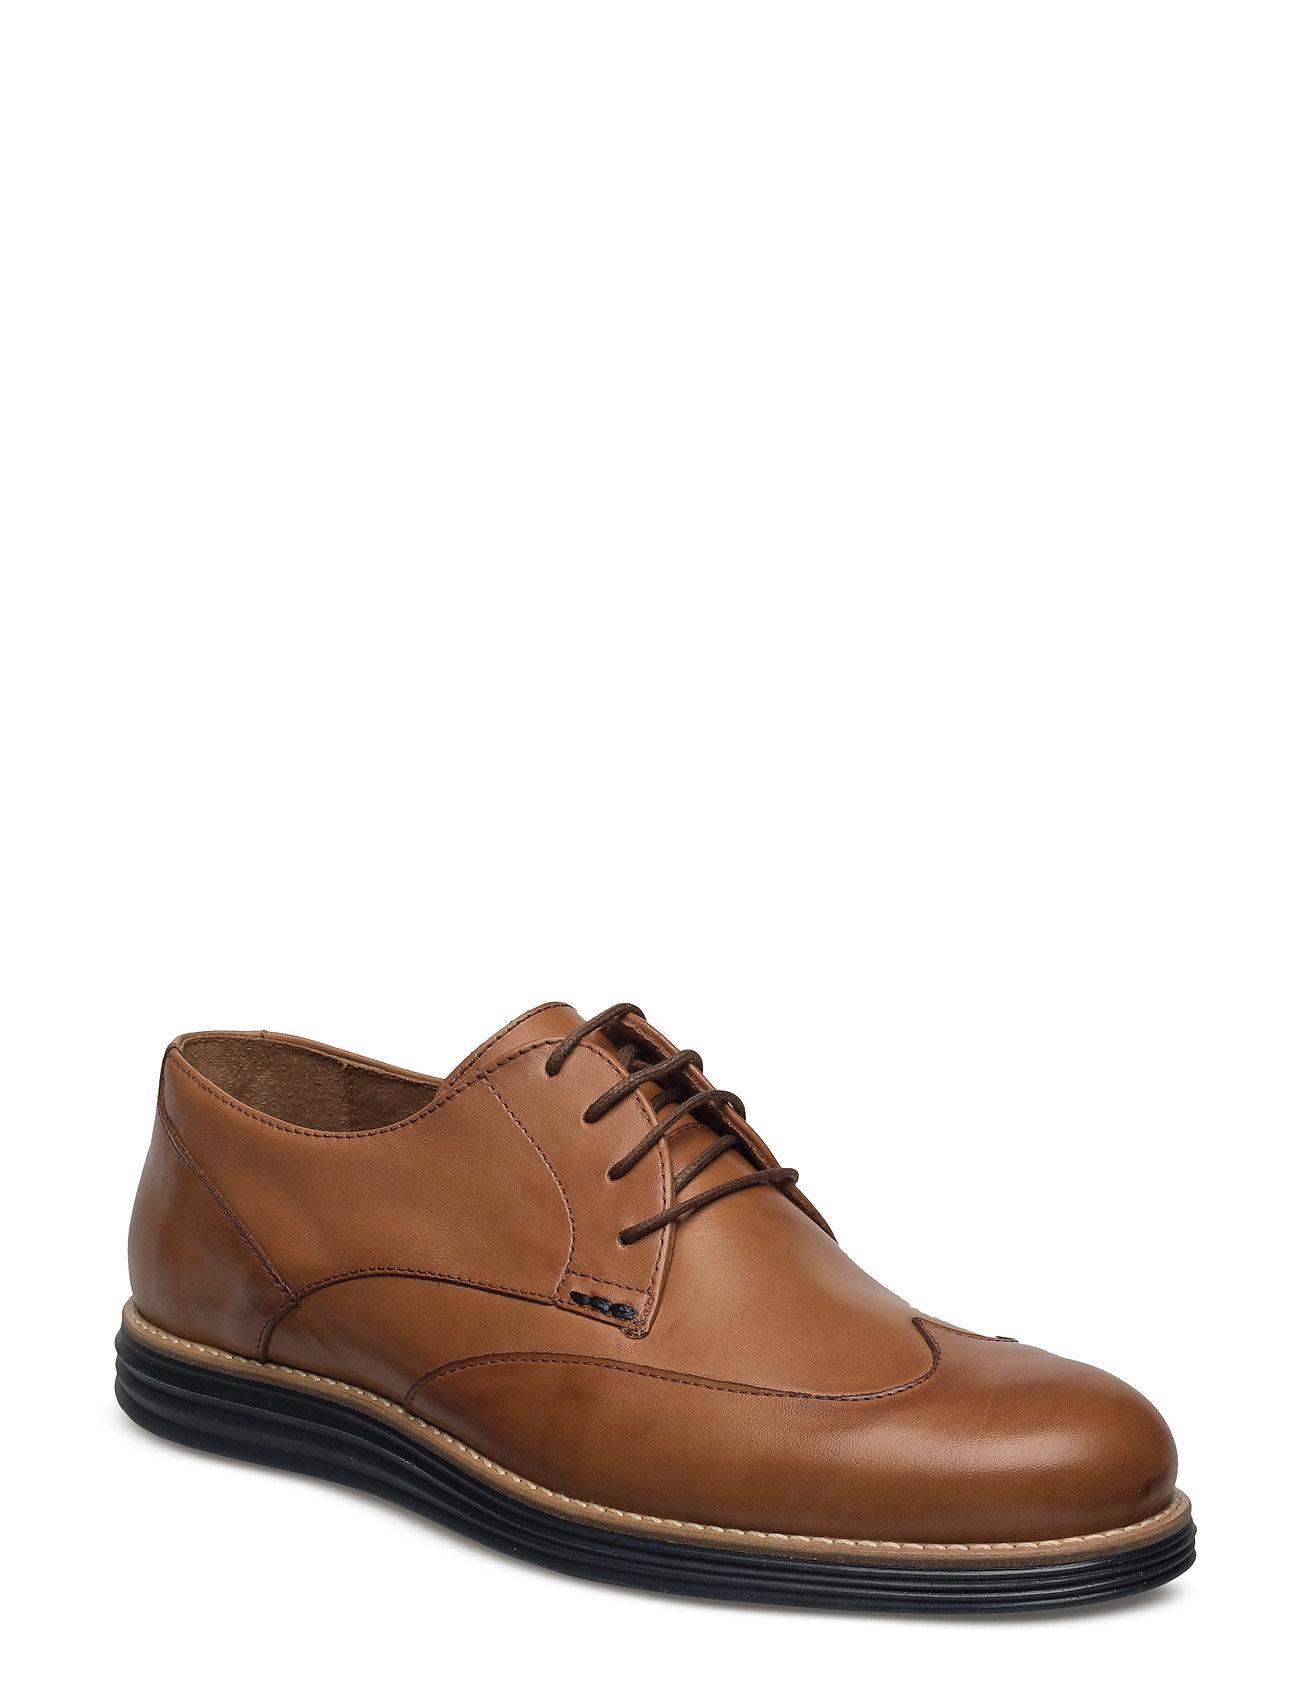 Comfy Wingtip Shoe Jfm17 Bianco Business til Herrer i Lysebrun